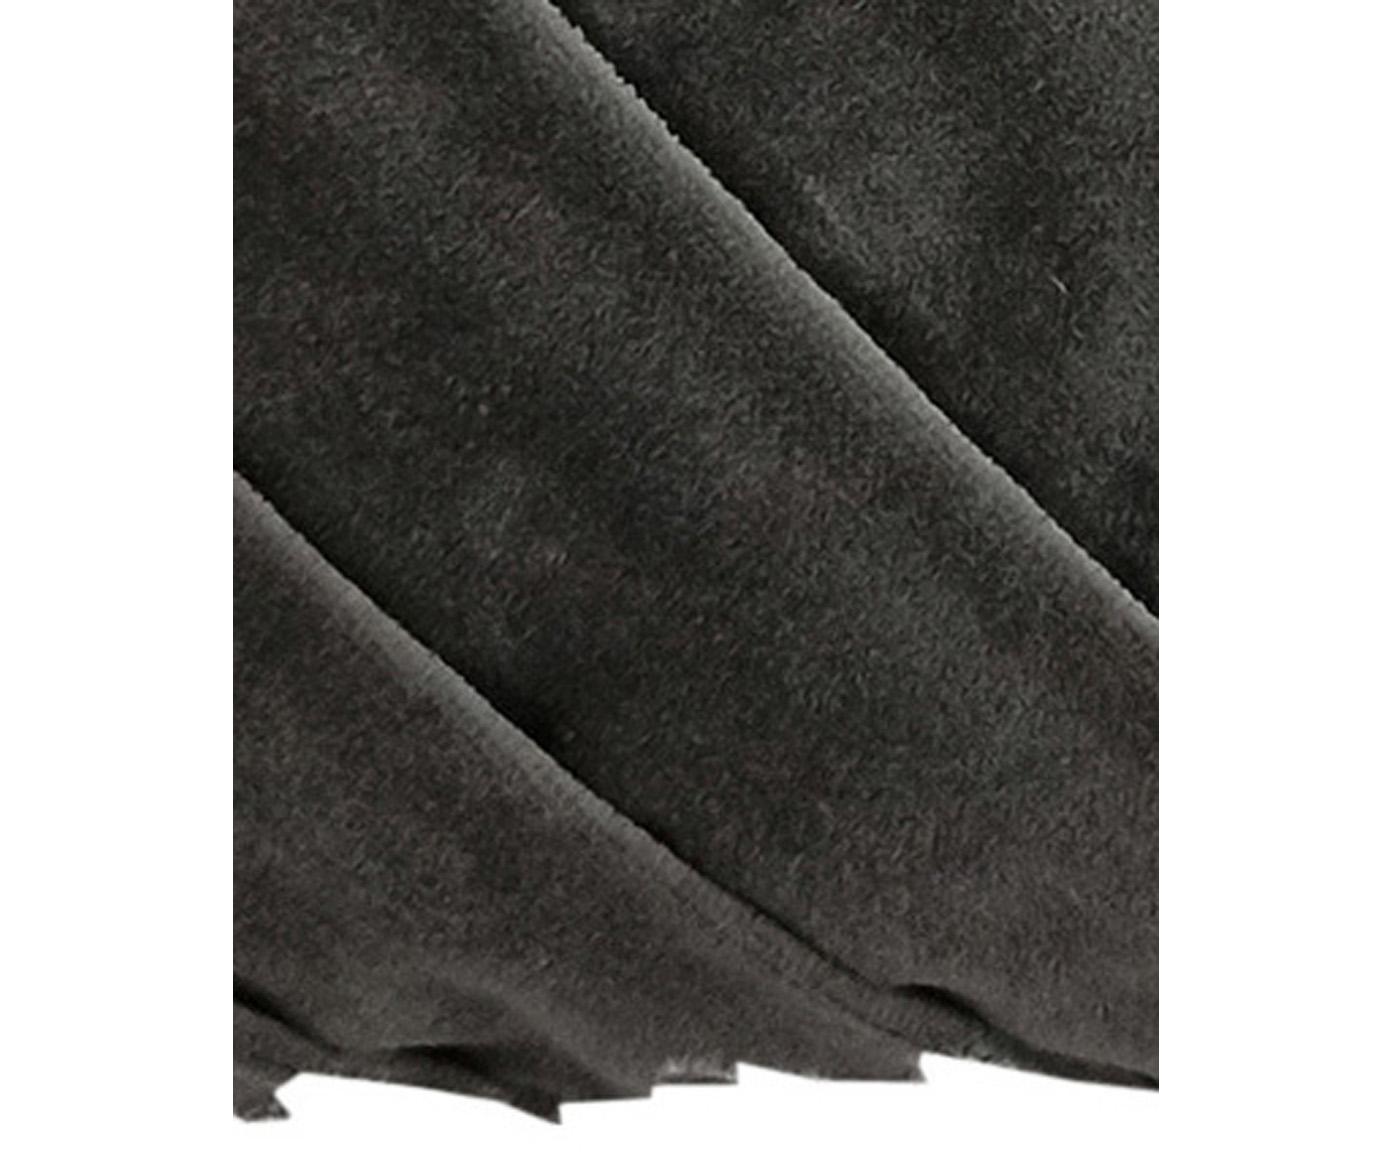 Kissen Folded mit Struktur-Oberfläche, mit Inlett, Bezug: 100% Baumwolle, Grau, 30 x 50 cm